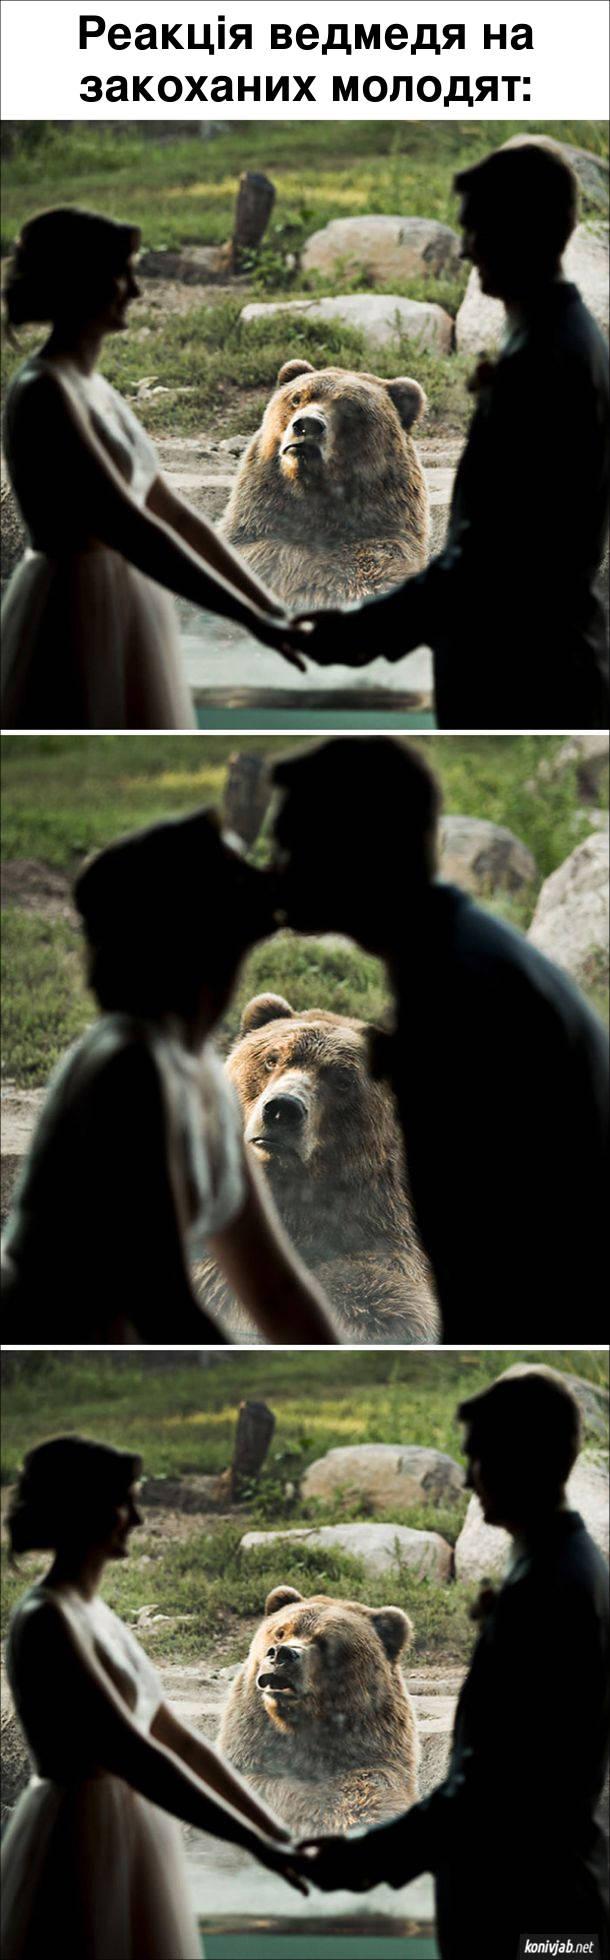 Фотоприкол Ведмідь. Реакція ведмедя на закоханих молодят в зоопарку